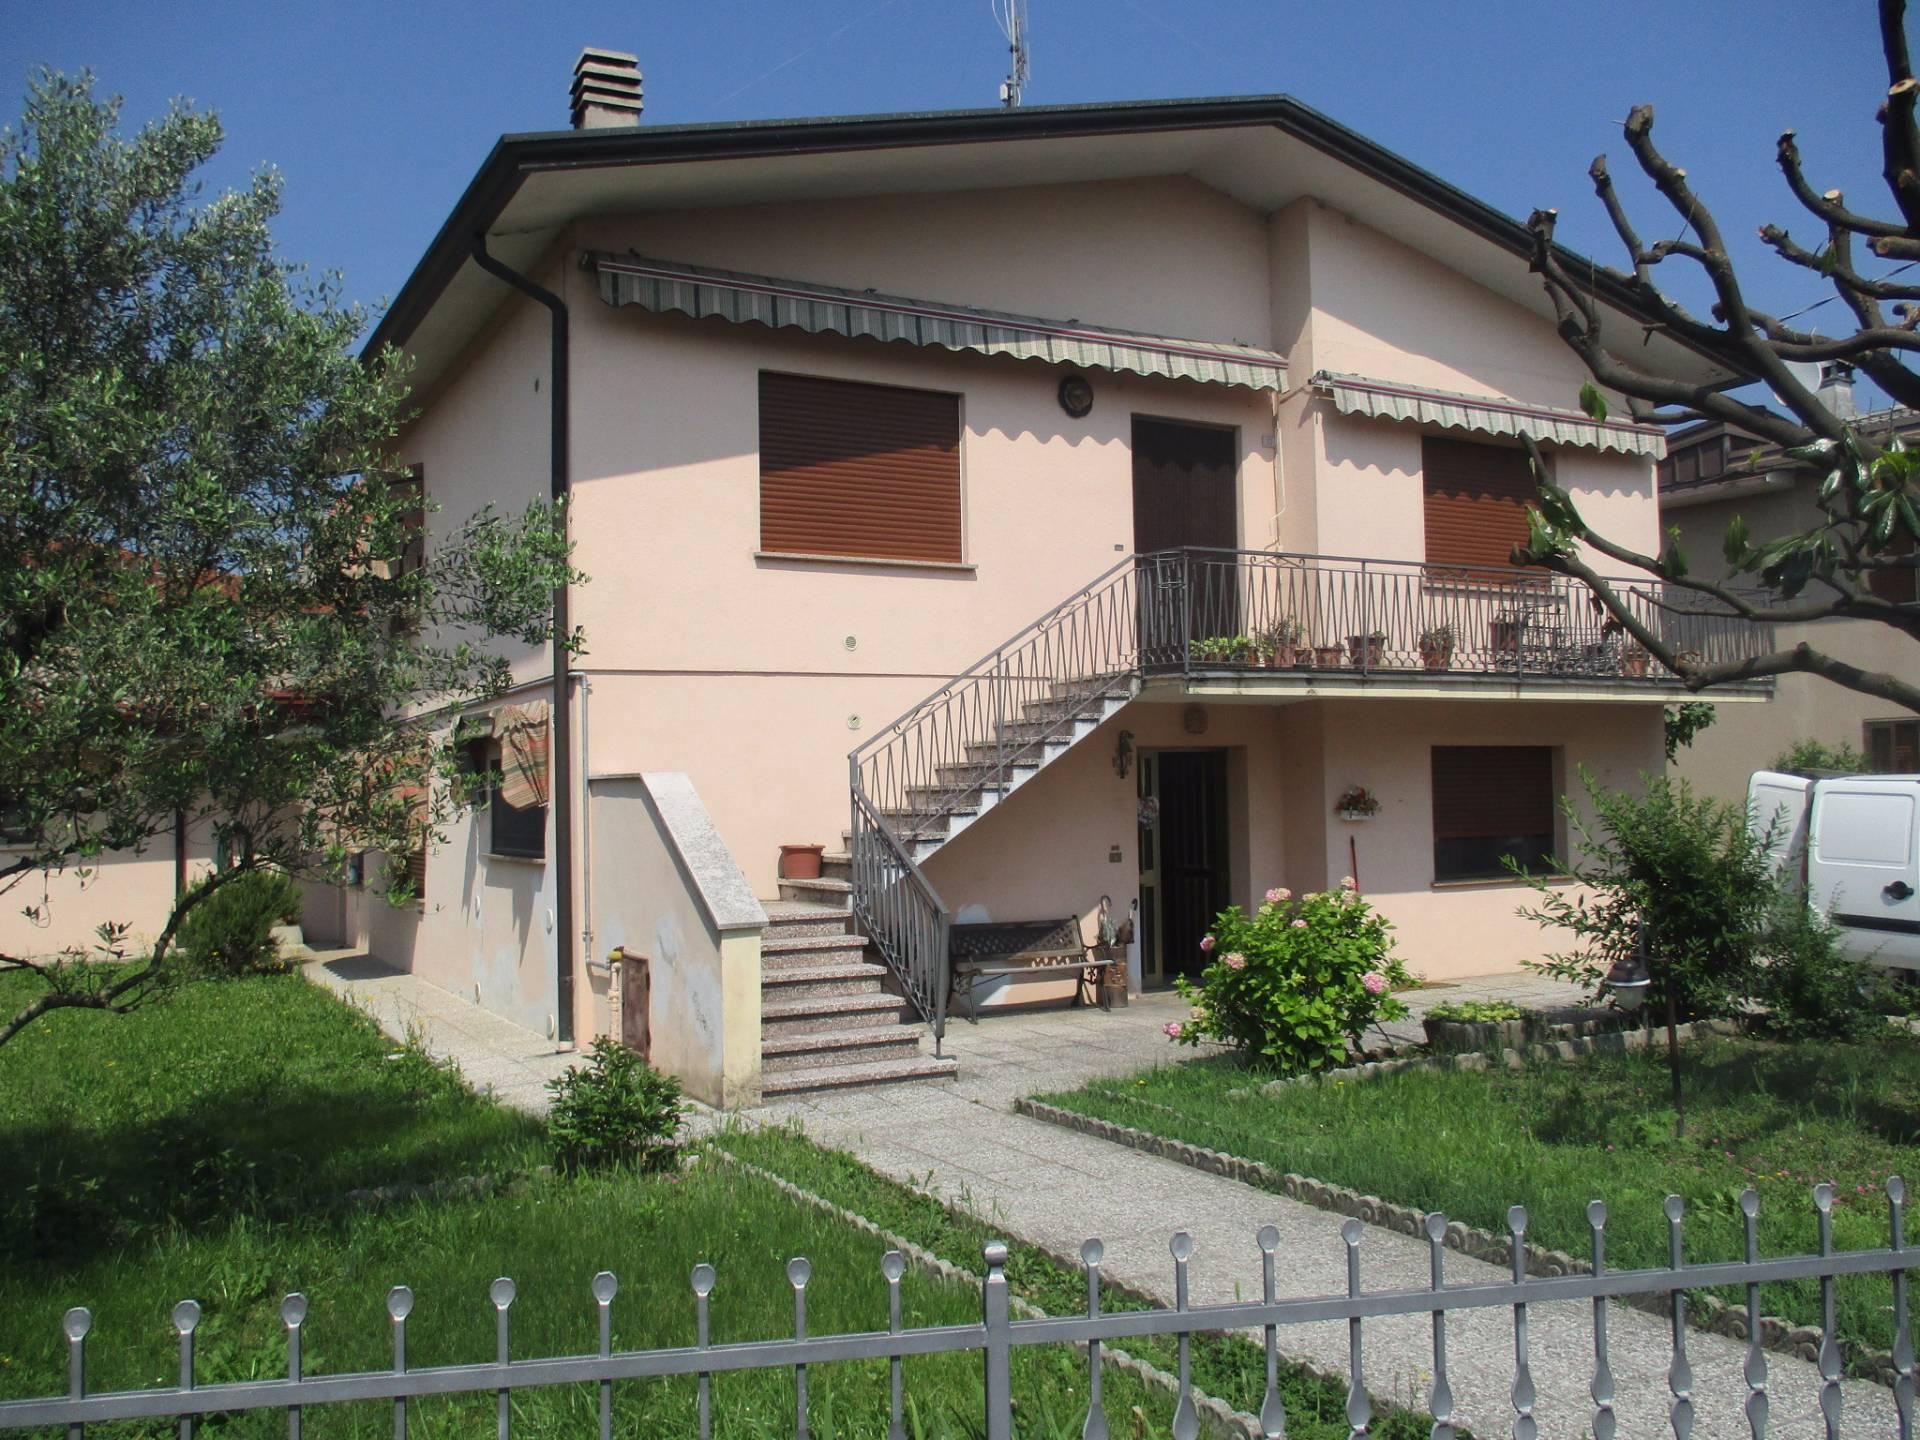 Soluzione Indipendente in vendita a Mareno di Piave, 8 locali, zona Località: BoccadiStrada, prezzo € 180.000 | CambioCasa.it